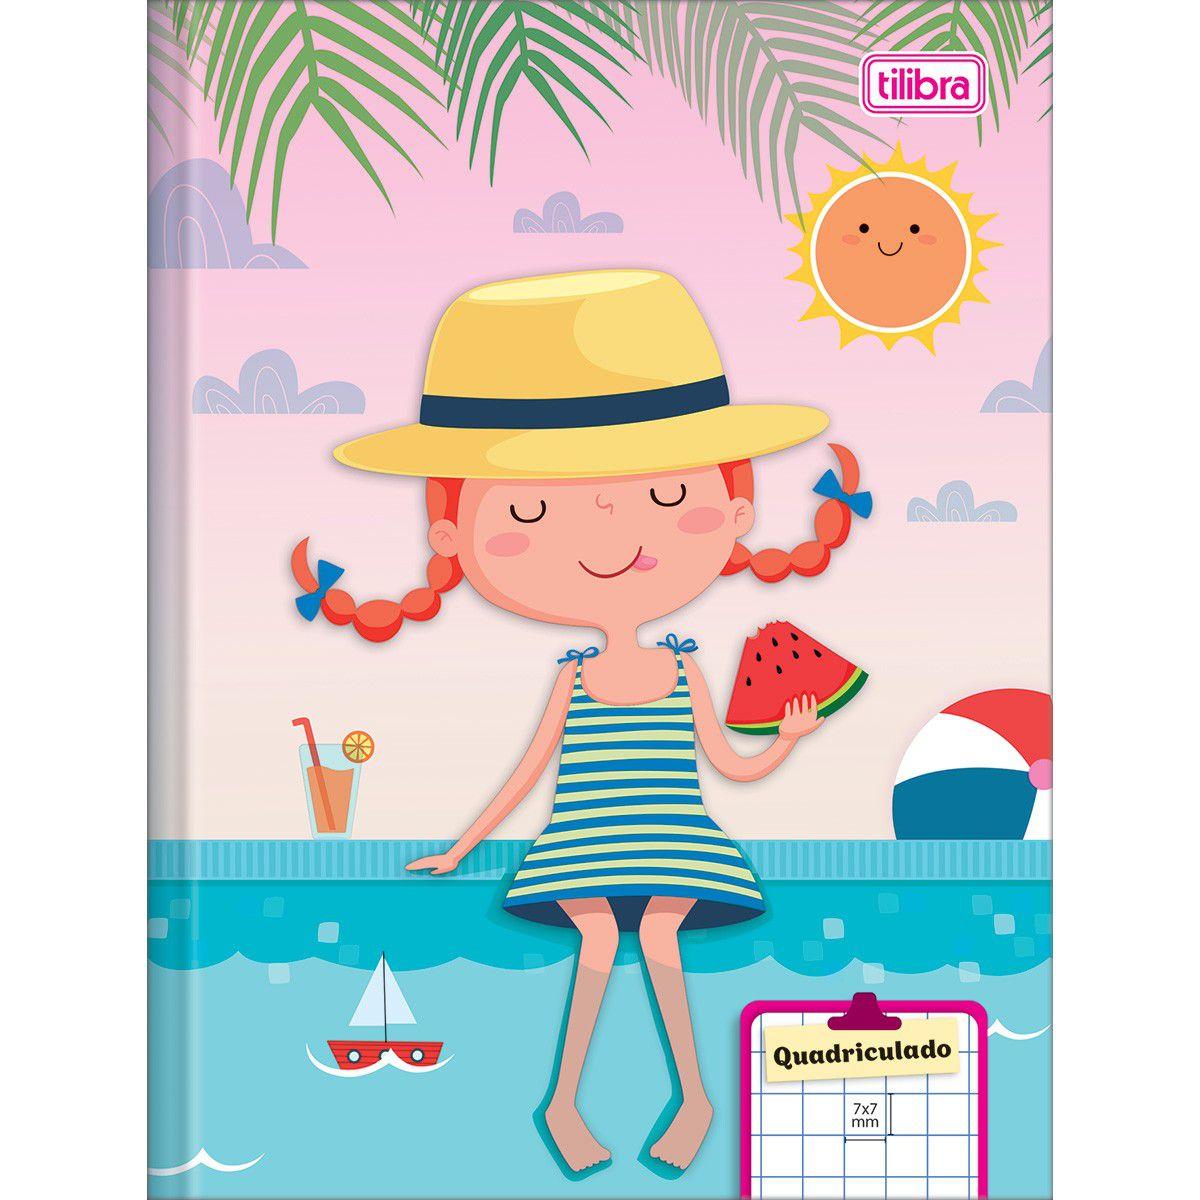 Caderno Brochura Capa Dura 1/4 Quadriculado  Sapeca 40 Folhas - Tilibra